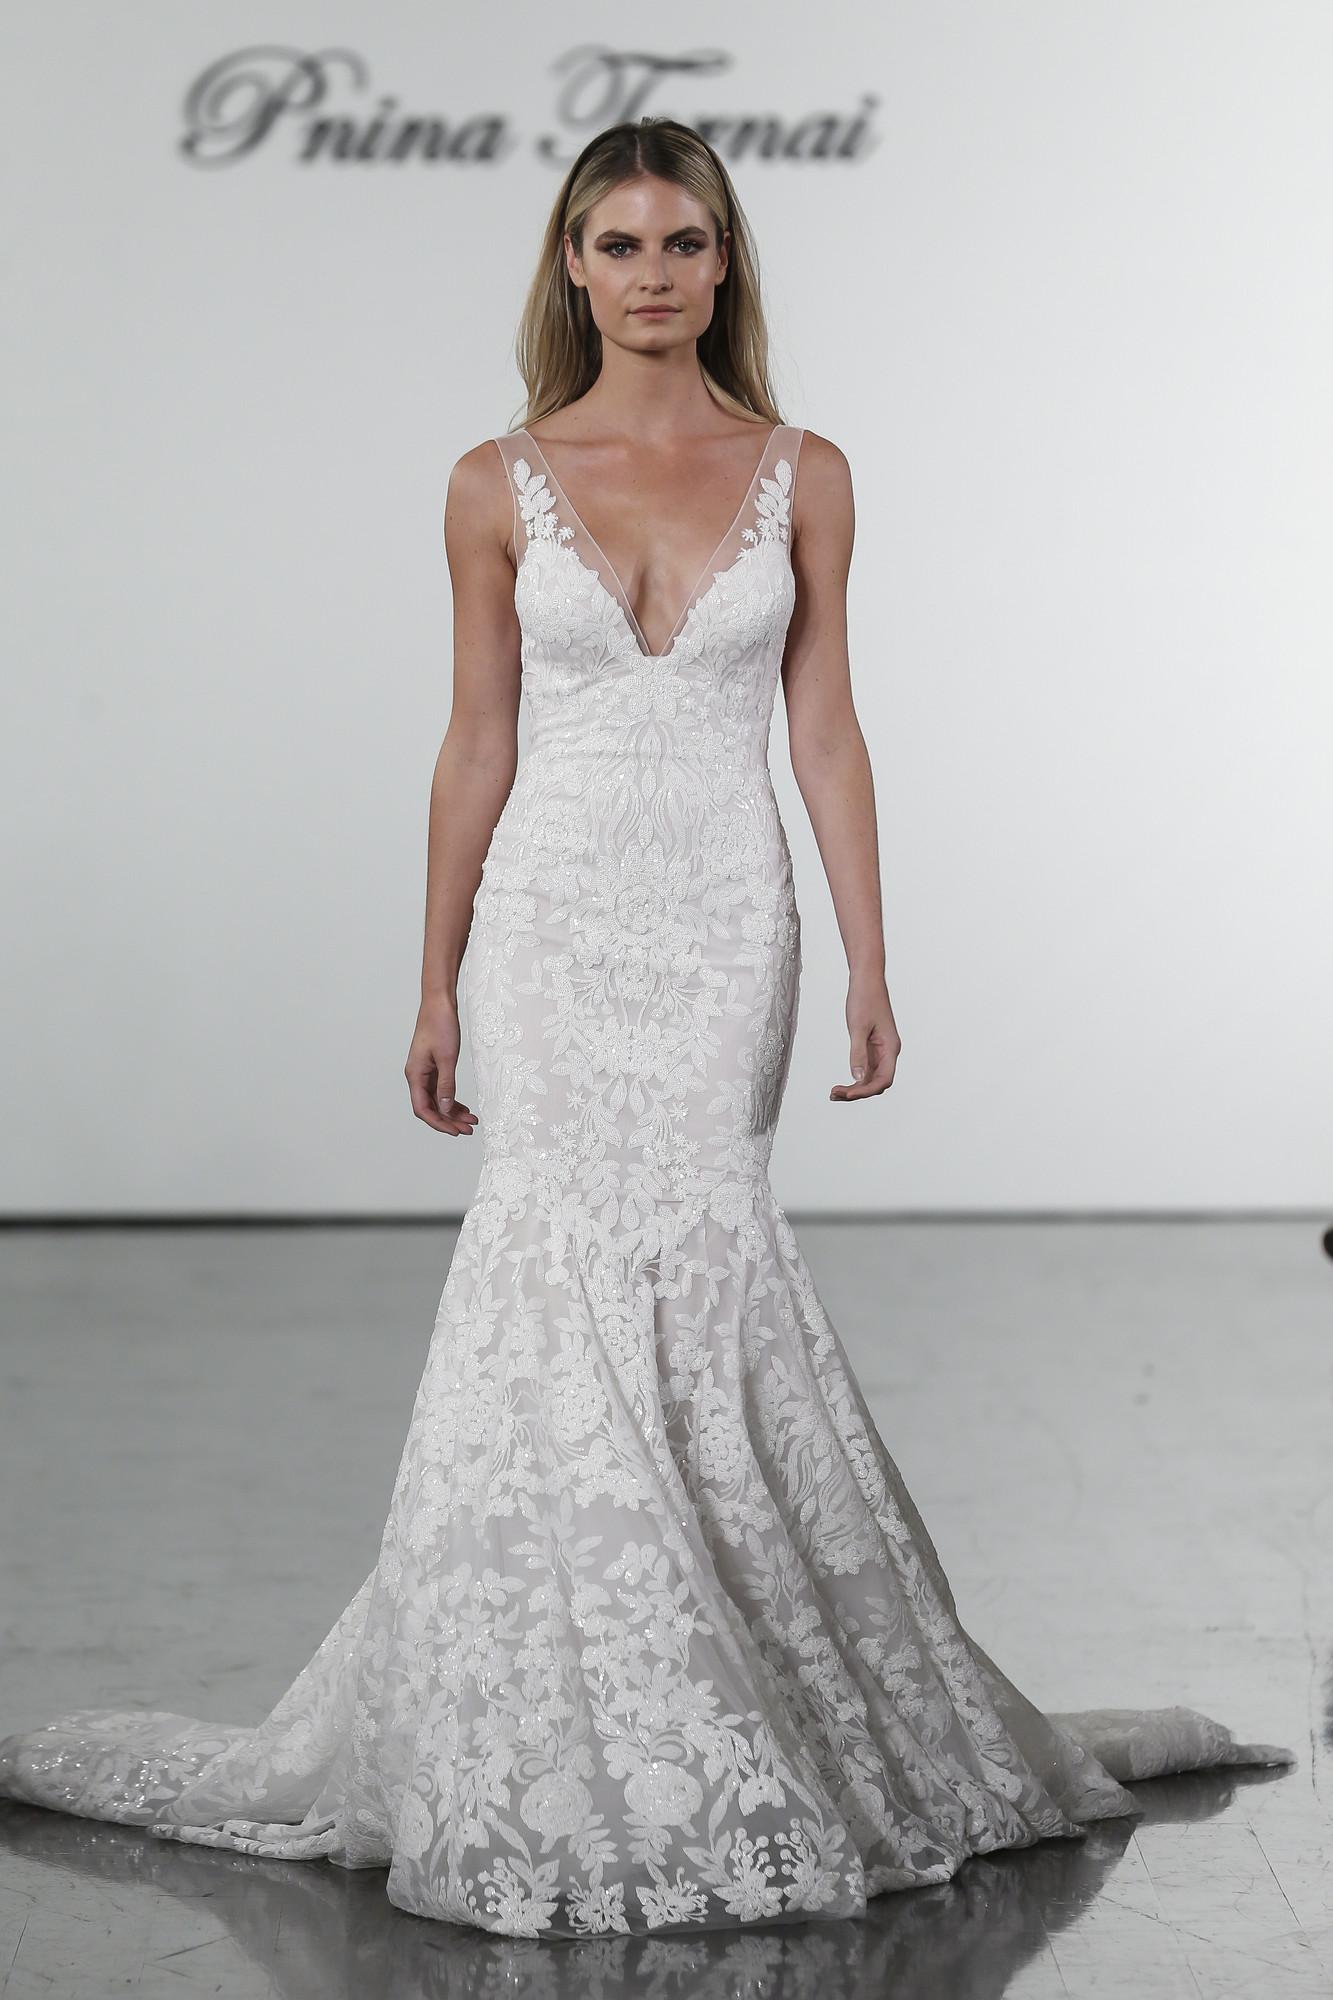 4733 Pnina Tornai For Kleinfeld: Kleinfeld Wedding Dresses Pnina Tornais Area At Reisefeber.org